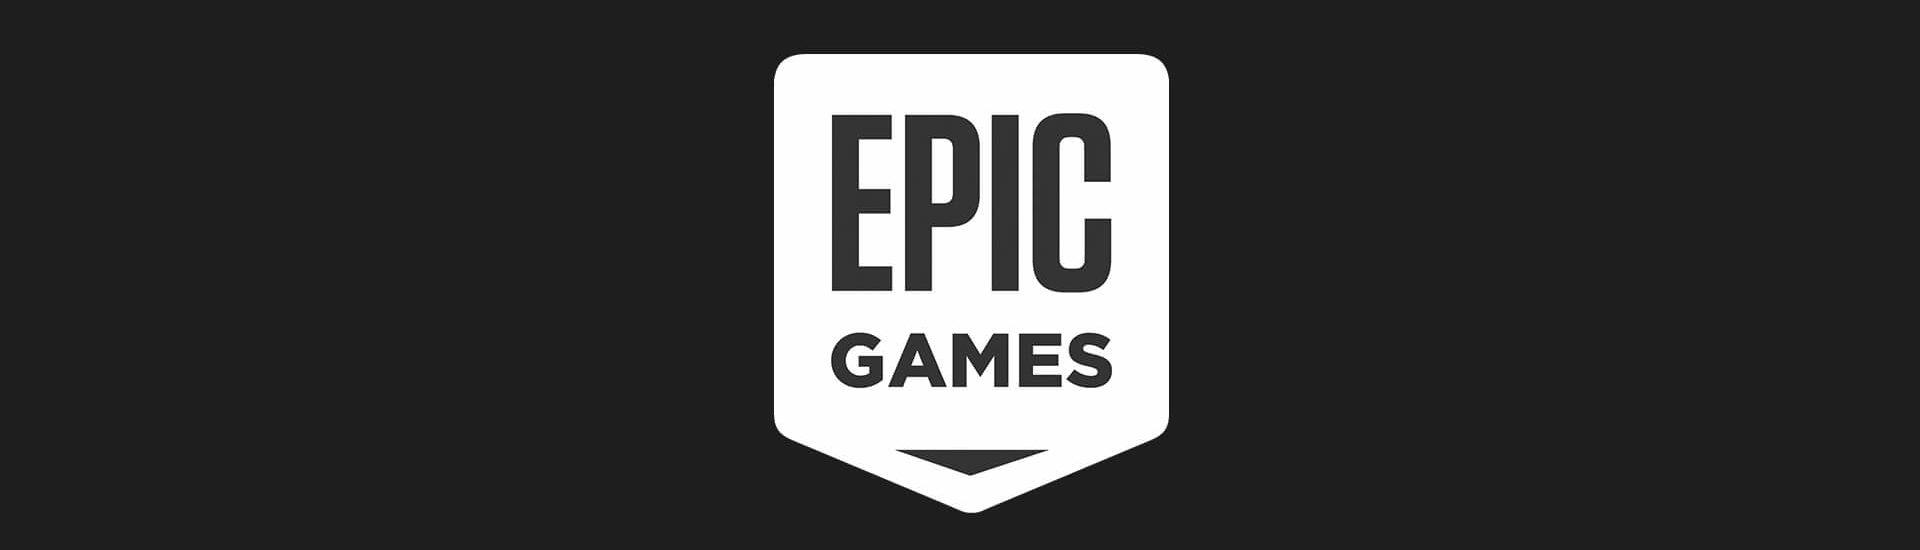 Watch Dogs 2 und Football Manager 2020 kostenlos im Epic Games Store verfügbar